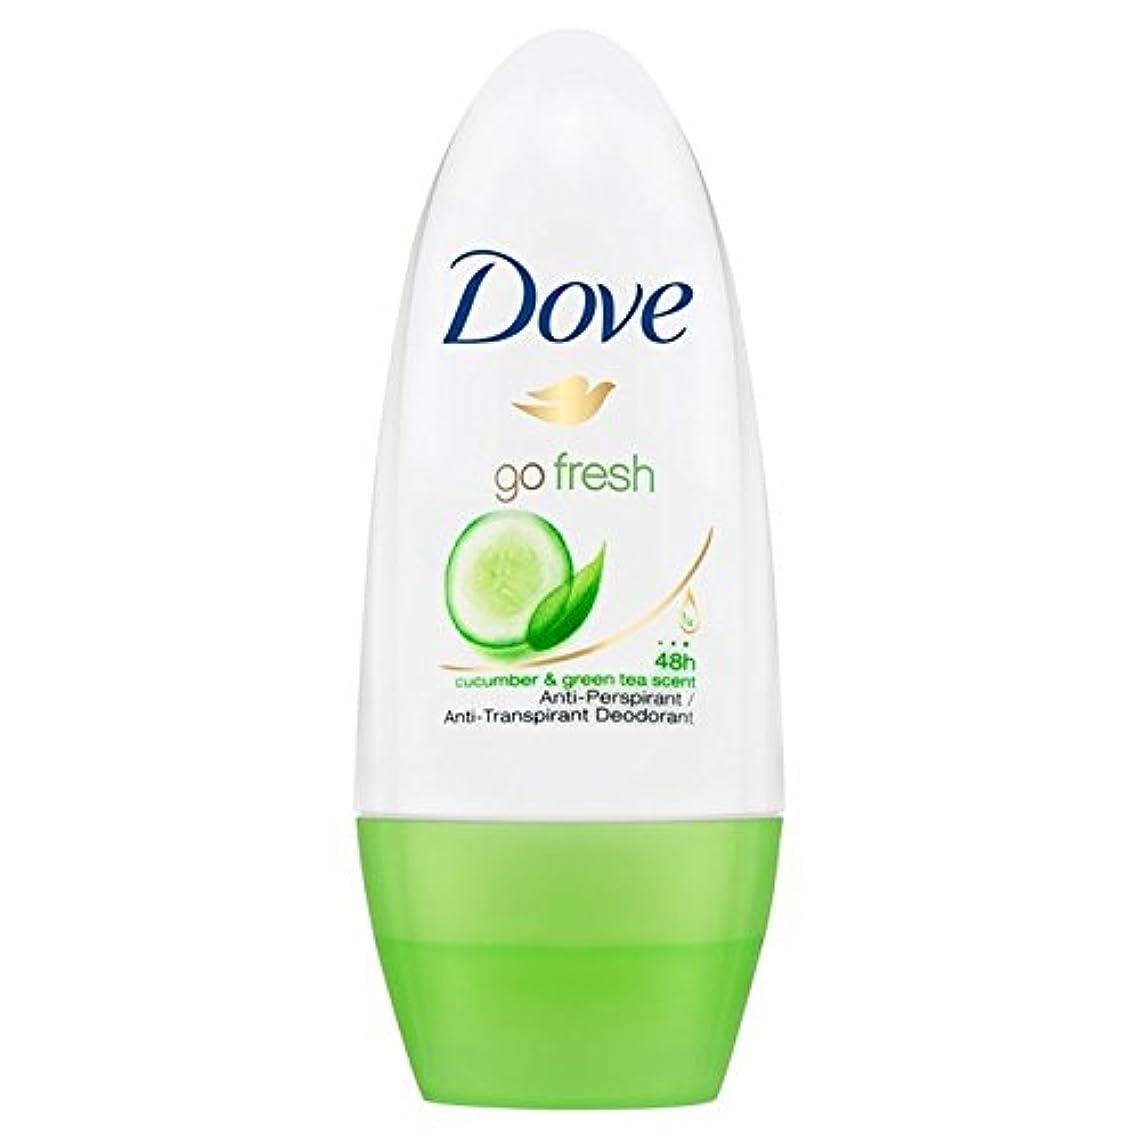 思い出実装するハプニングDove Go Fresh Cucumber Roll-On Anti-Perspirant Deodorant 50ml - 新鮮なキュウリロールオン制汗デオドラント50ミリリットルを行く鳩 [並行輸入品]